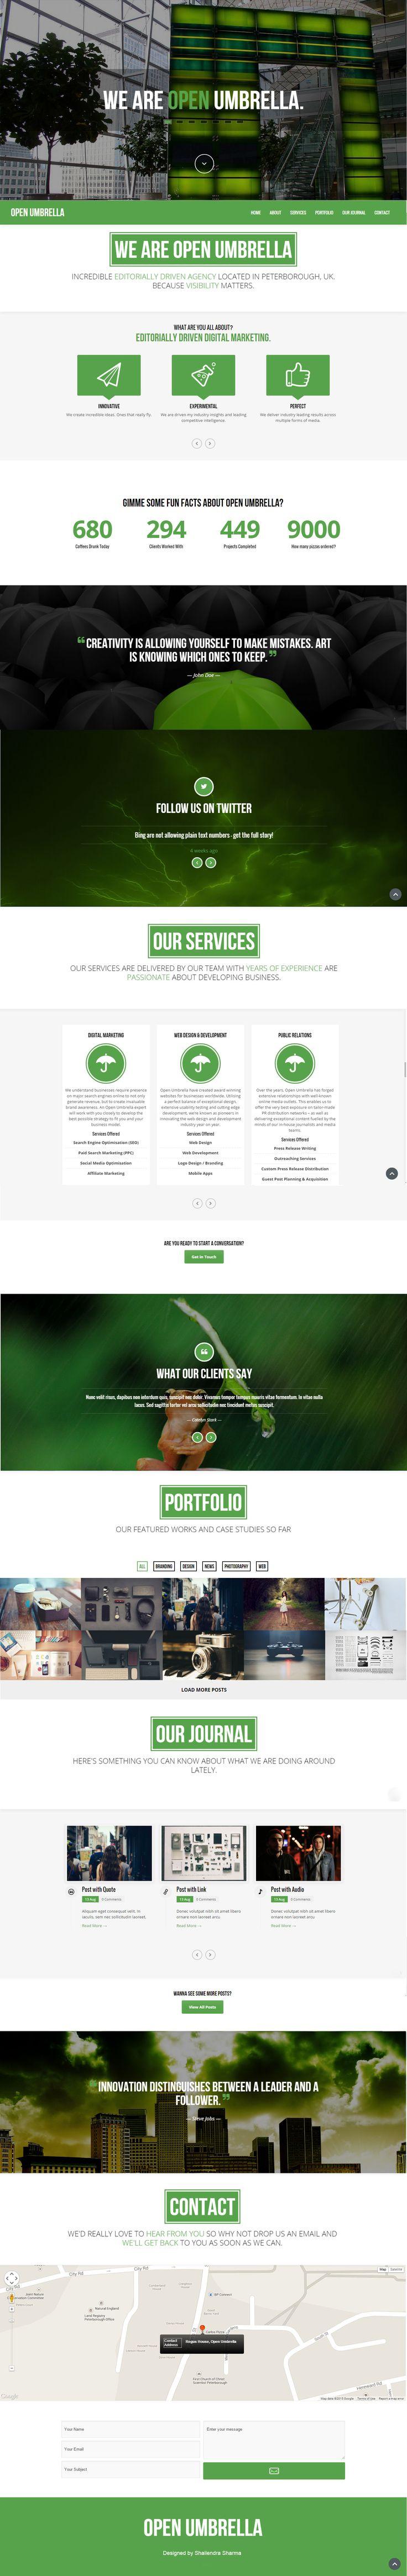 www.openumbrella.org Website design and development company